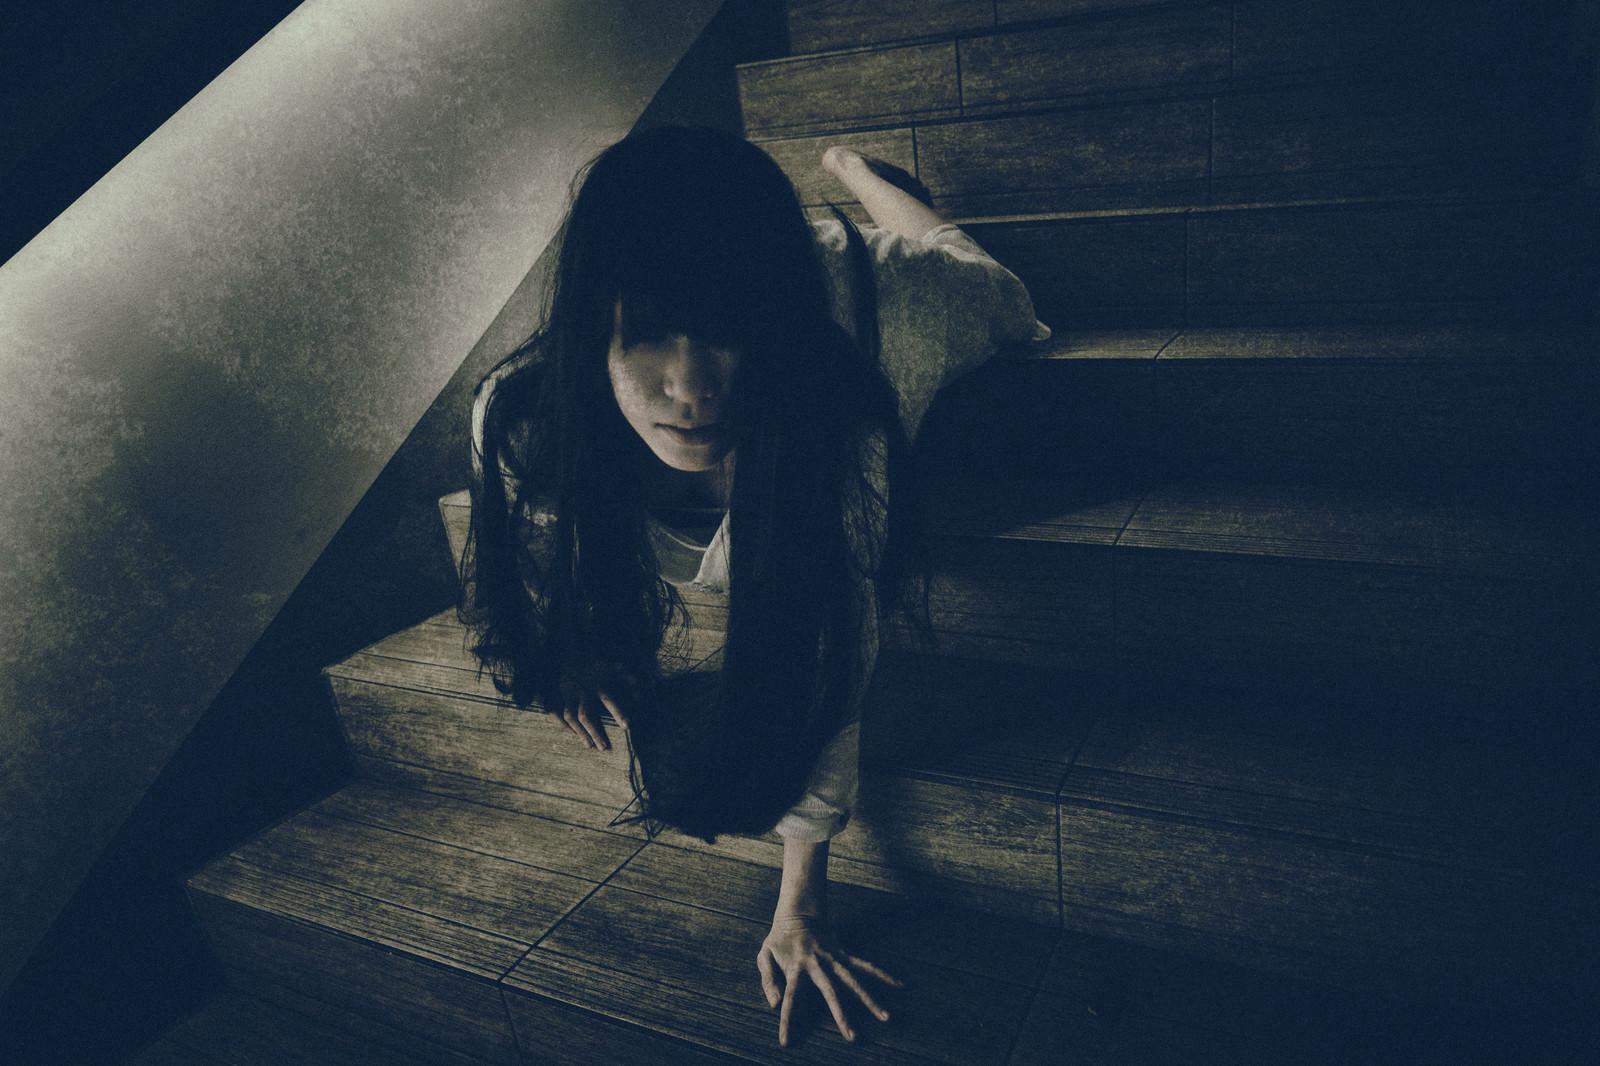 「這いながら階段を下りこちらに向かってくる女性」の写真[モデル:緋真煉]